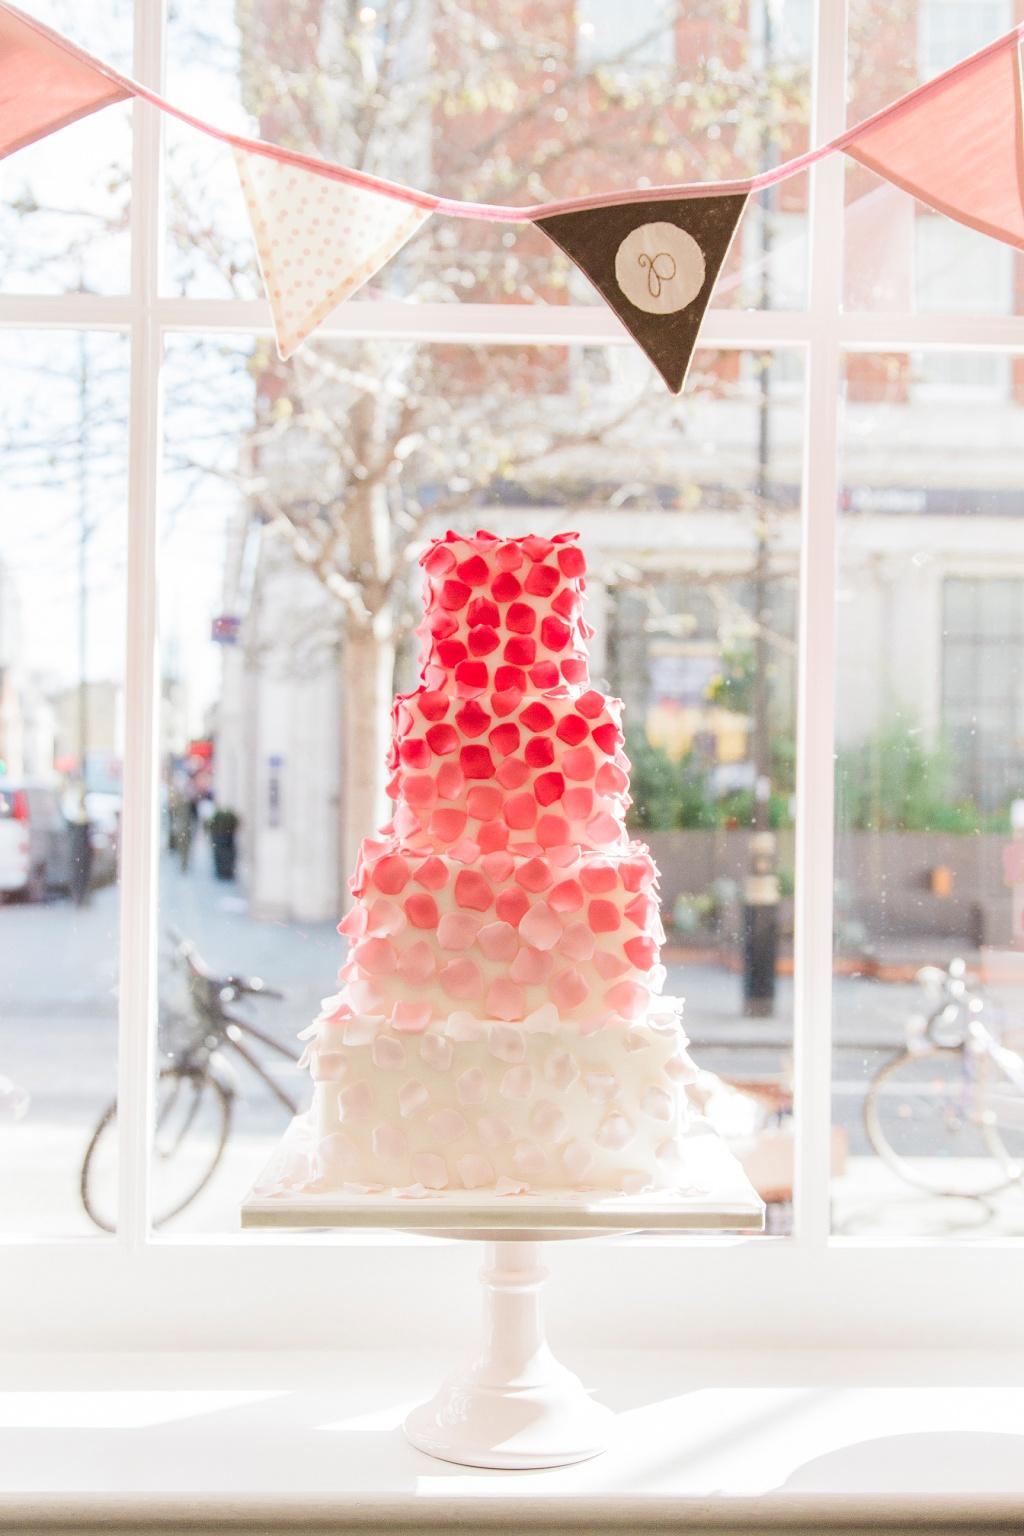 Maxeen Kim Photography, Peggy Porschen, Engagement Photography, Fine Art Photography, Wedding Cake